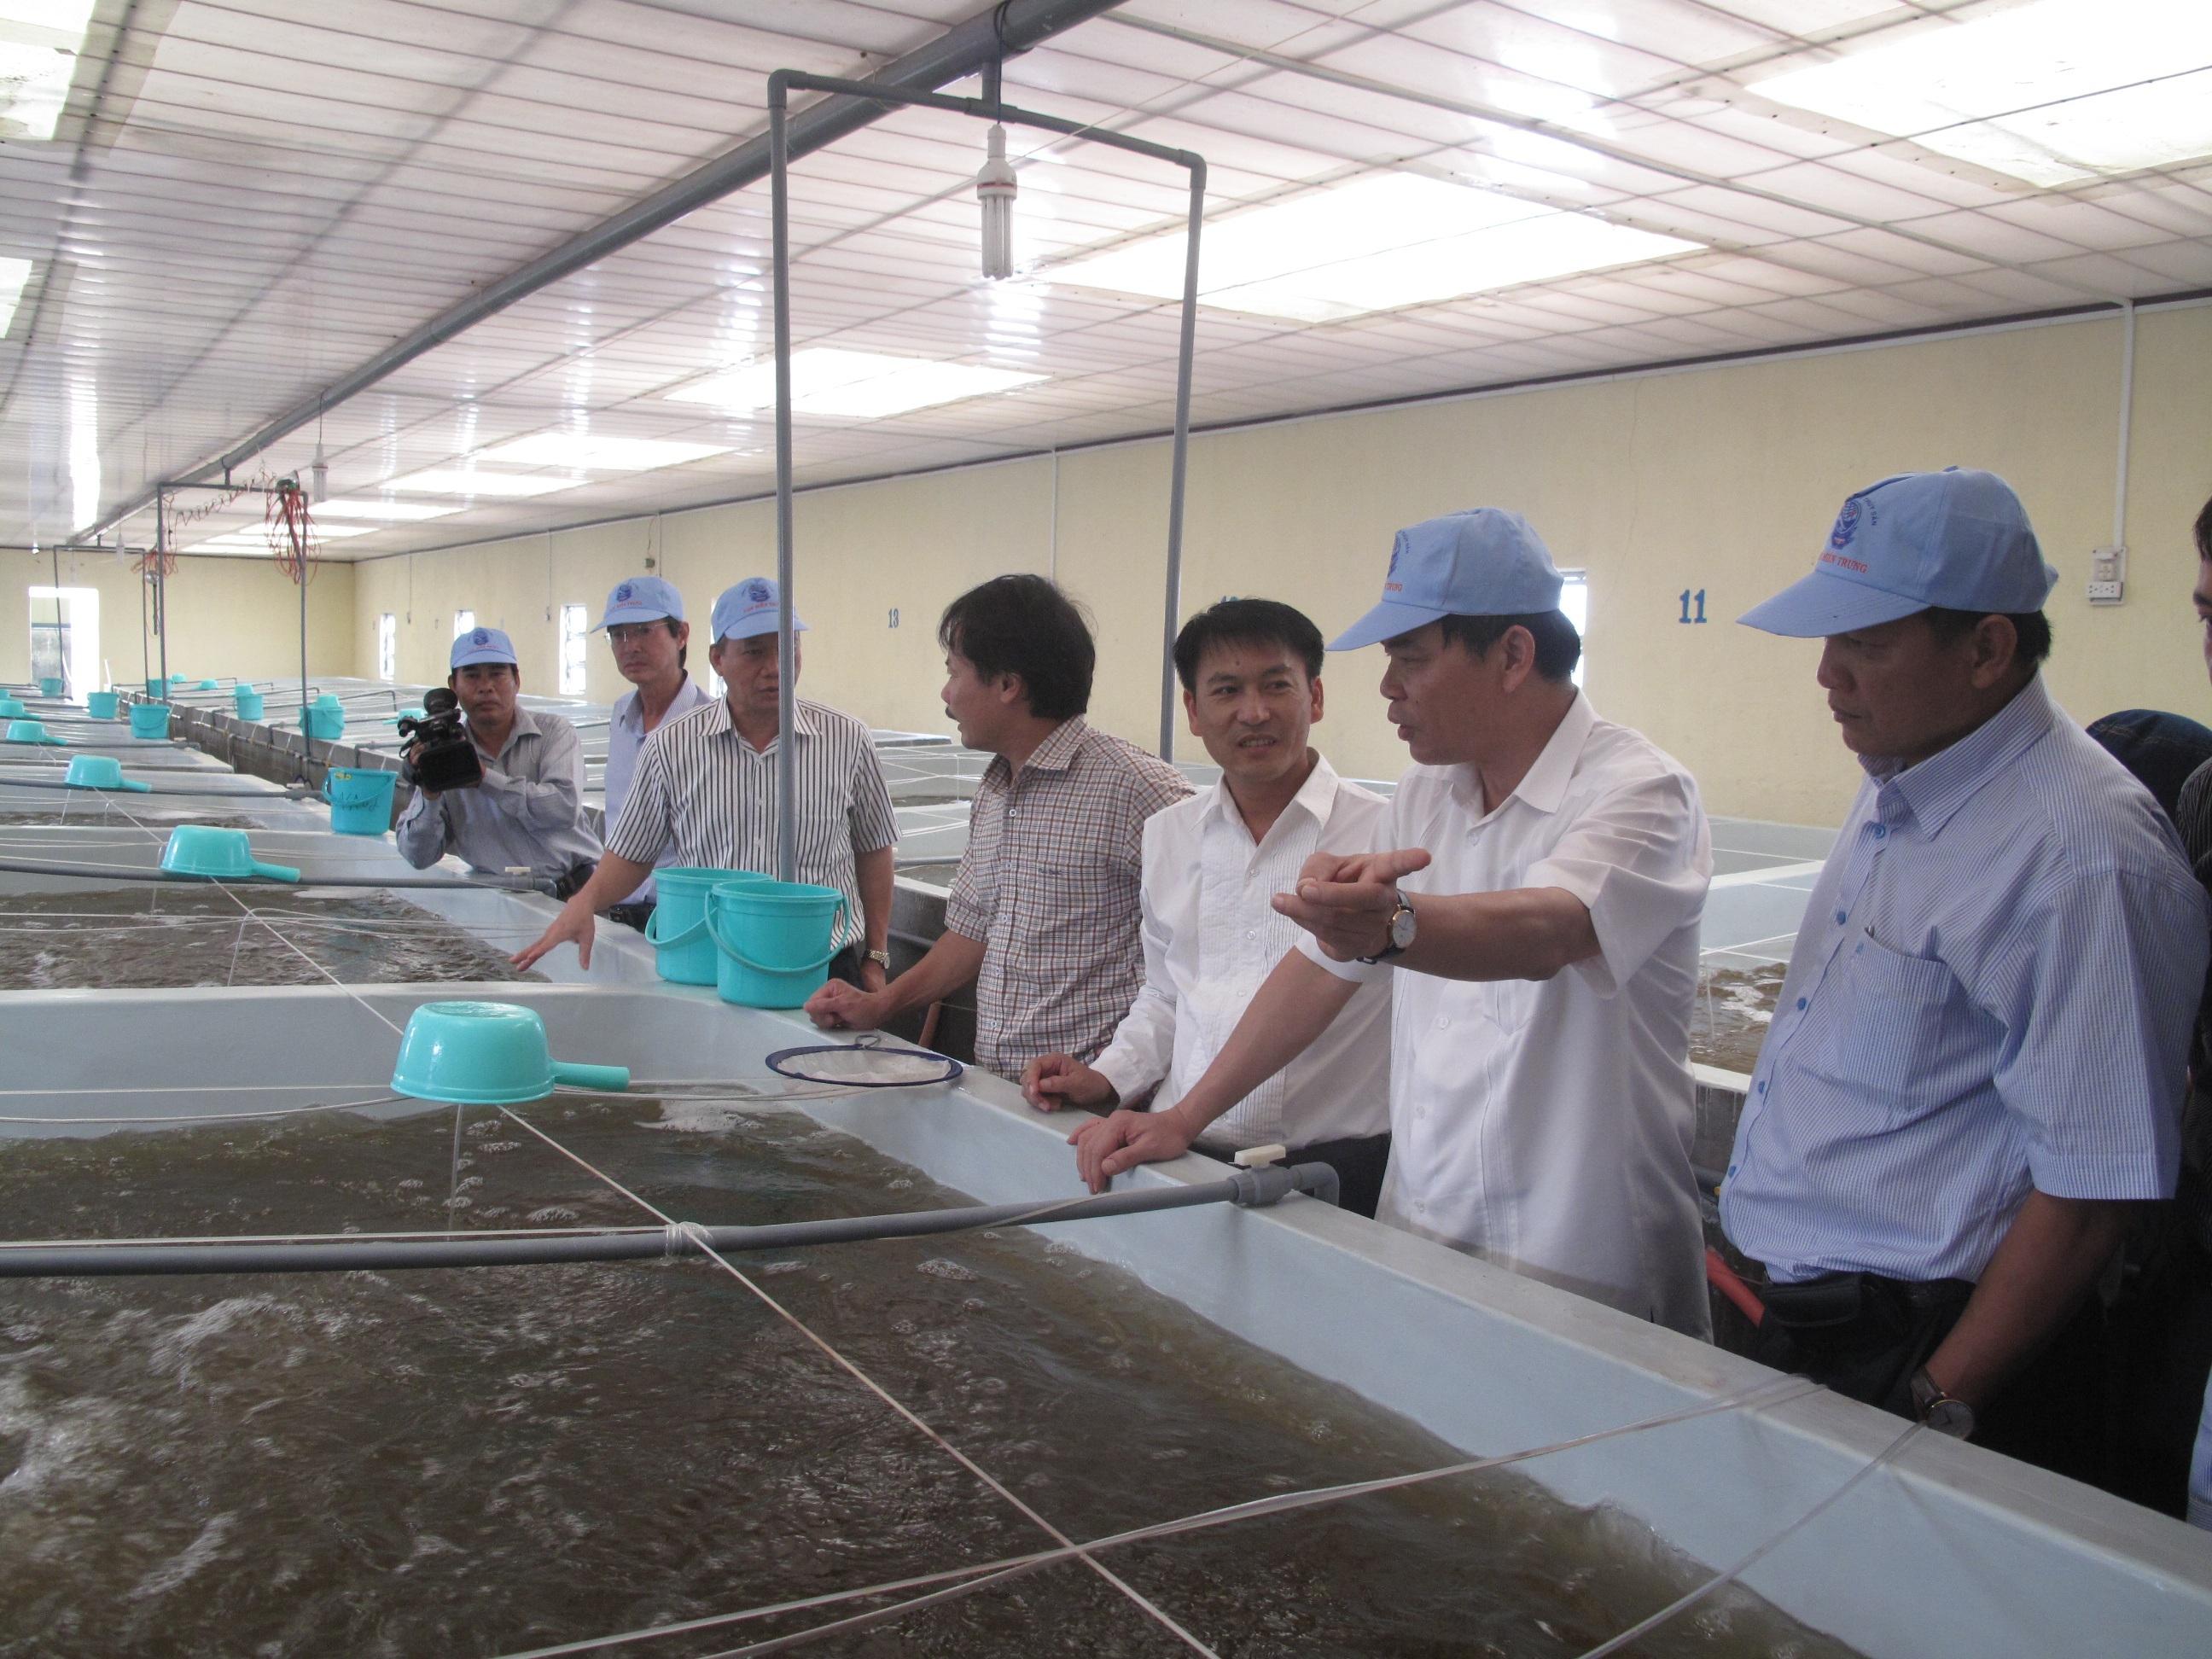 Bộ trưởng Bộ NNPTNT Nguyễn Xuân Cường (thứ 2 từ phải qua) thăm cơ sở sản xuất tôm giống thương phẩm tại thị trấn Vĩnh Tân, huyện Tuy Phong, Bình Thuận.